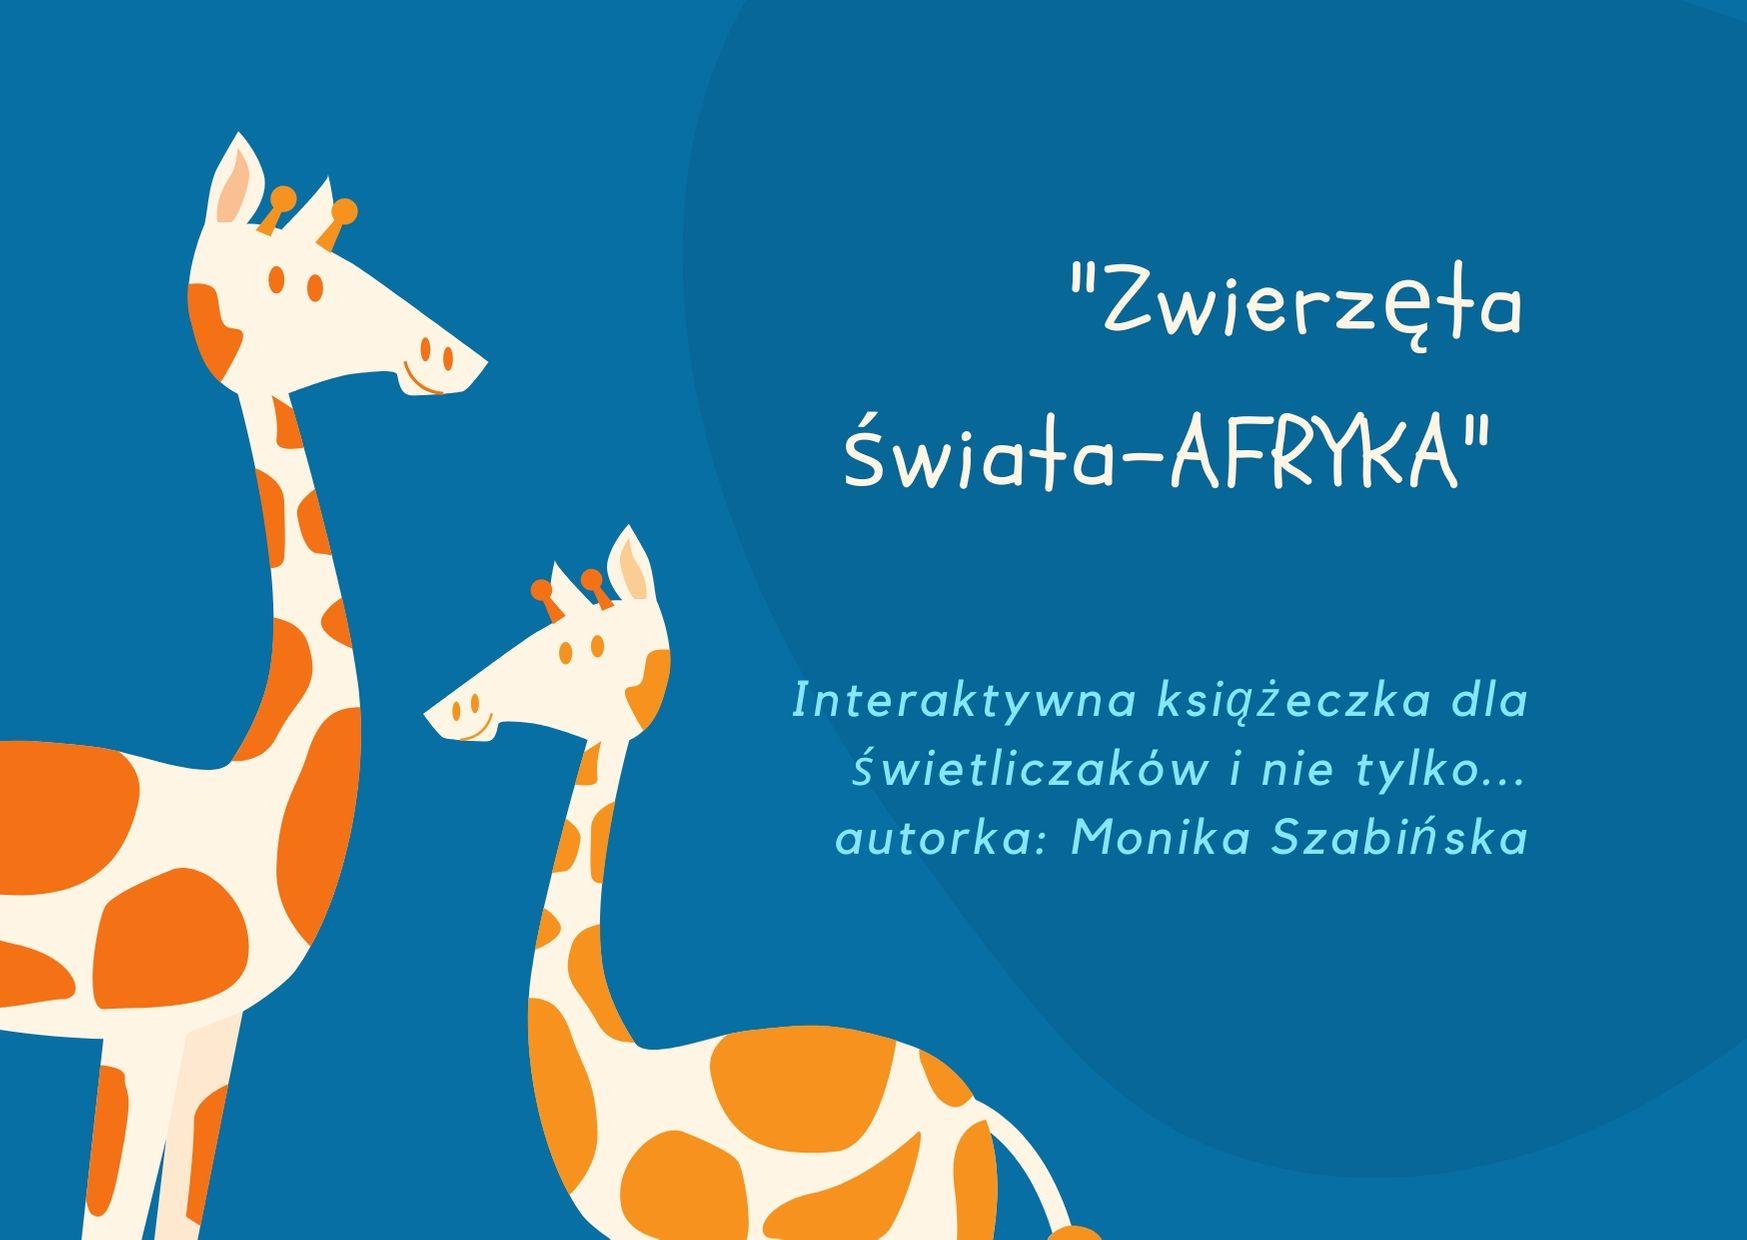 Zwierzęta świata - Afryka